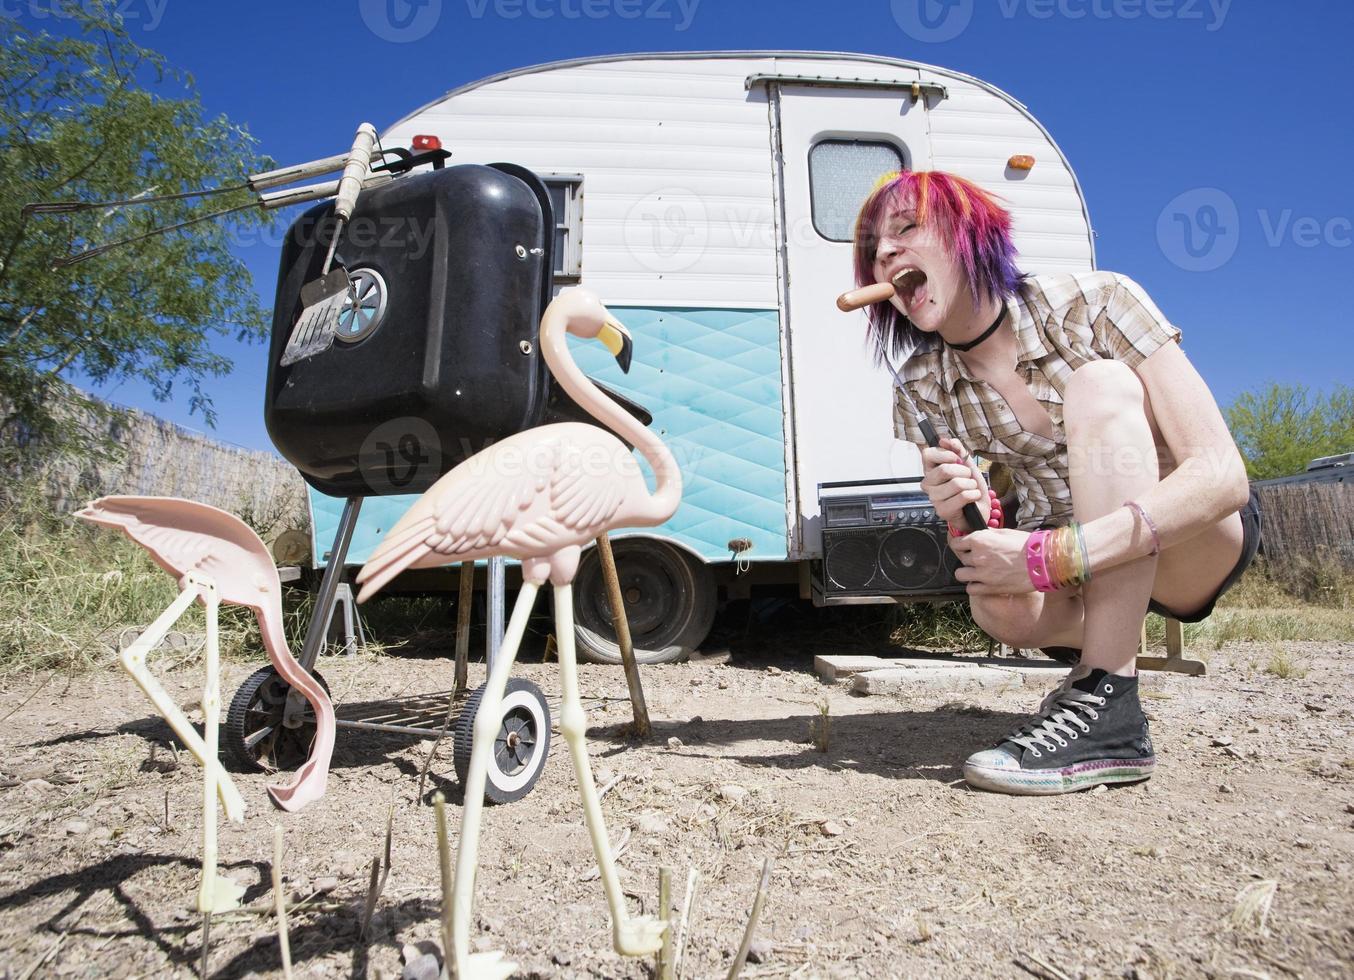 garota na frente do trailer comendo um cachorro-quente foto